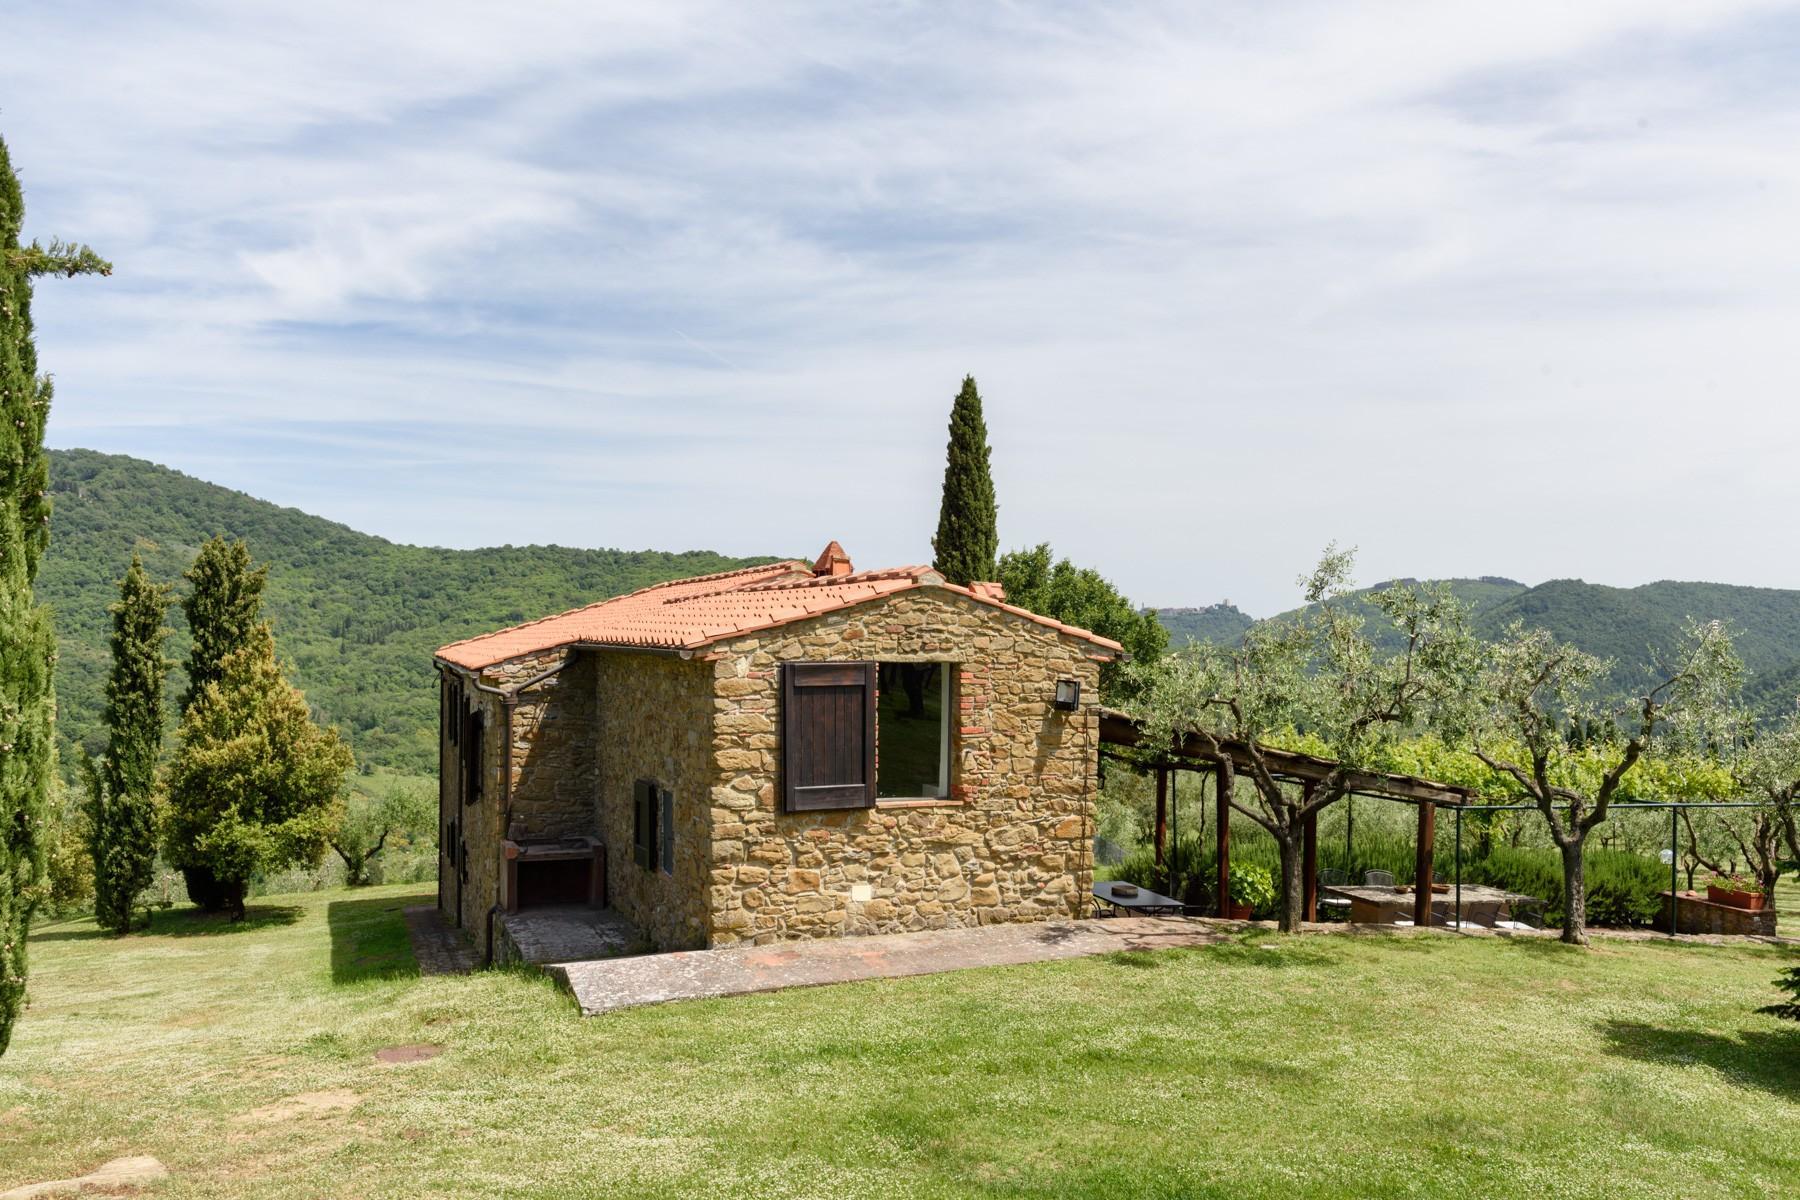 Magnificent property in Chianti Aretino - 4